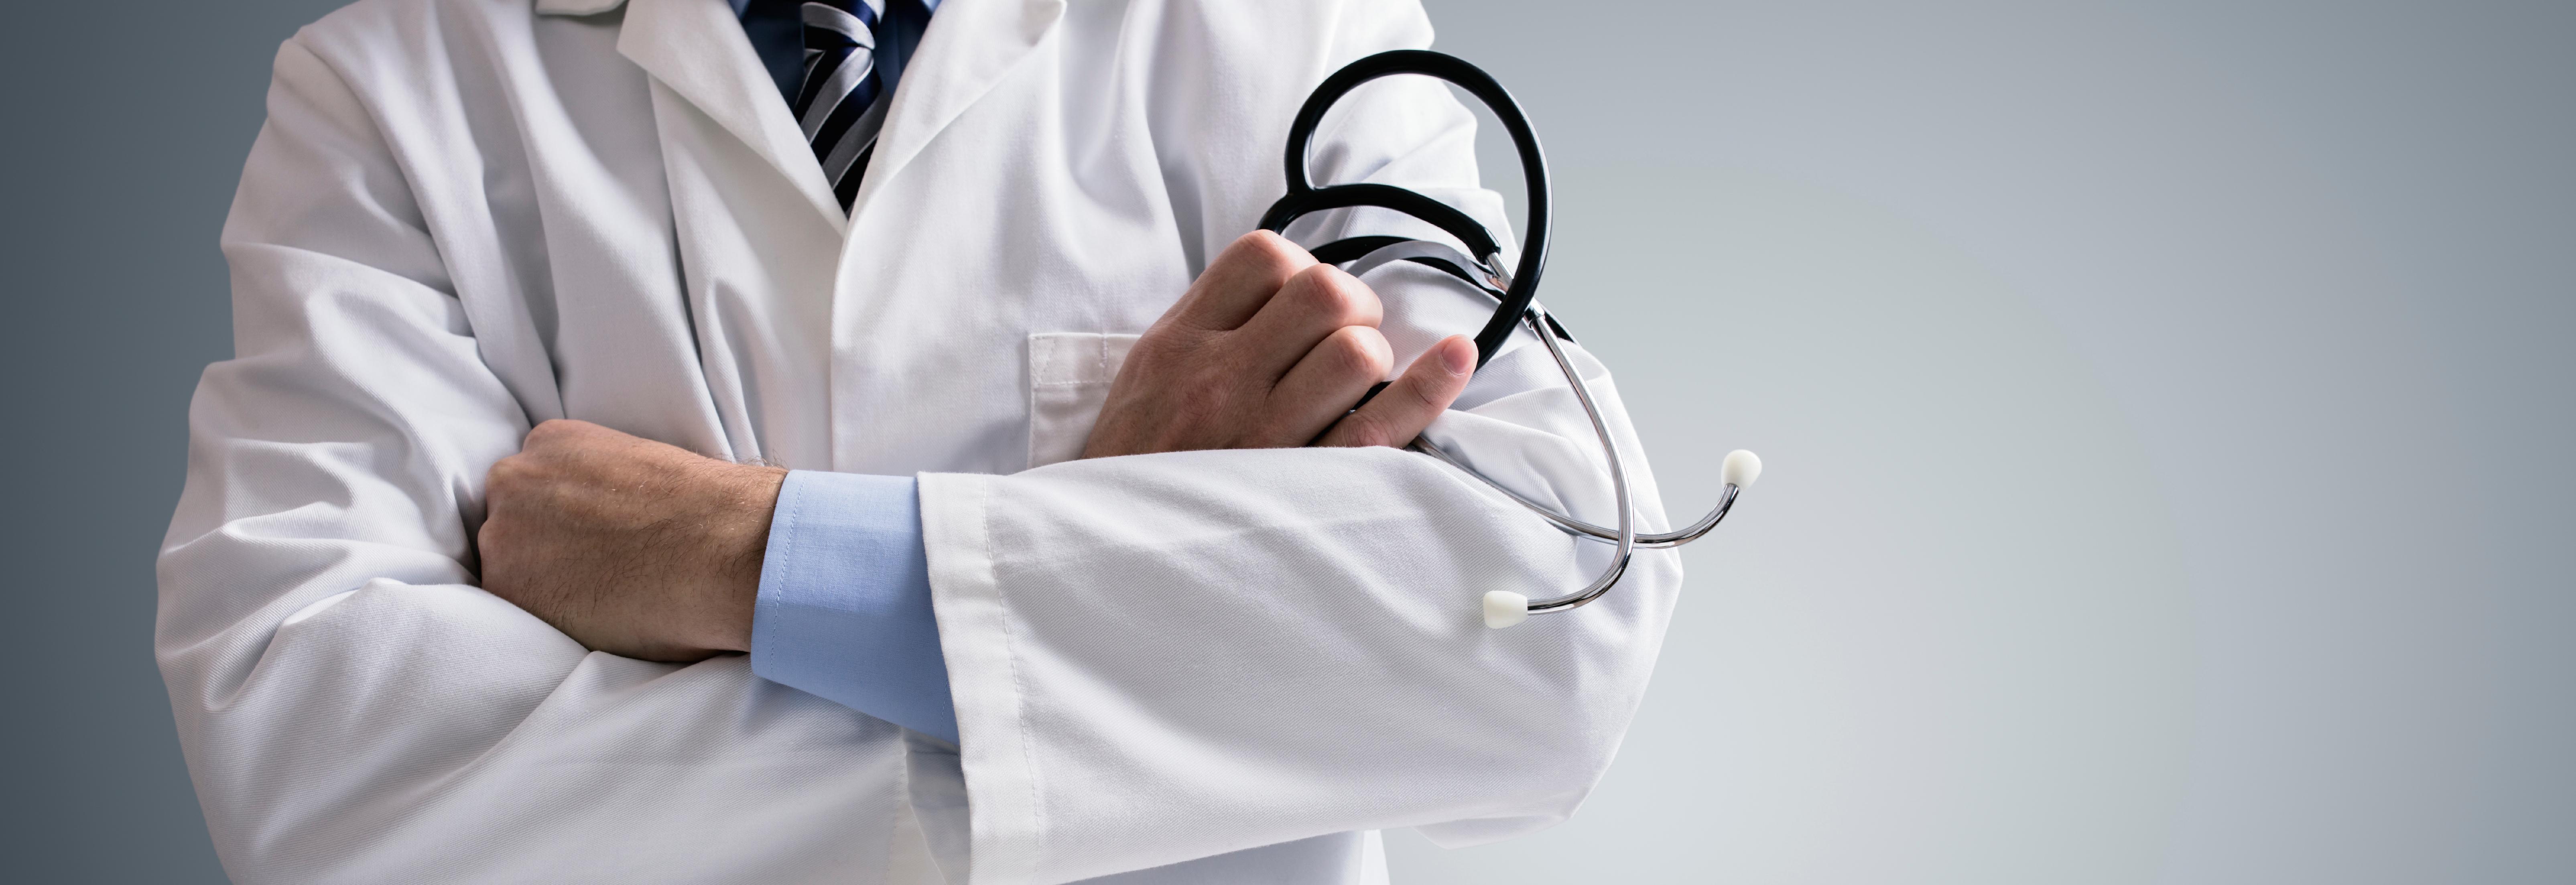 Lääkärin heikkenevä rooli perusterveydenhuollossa